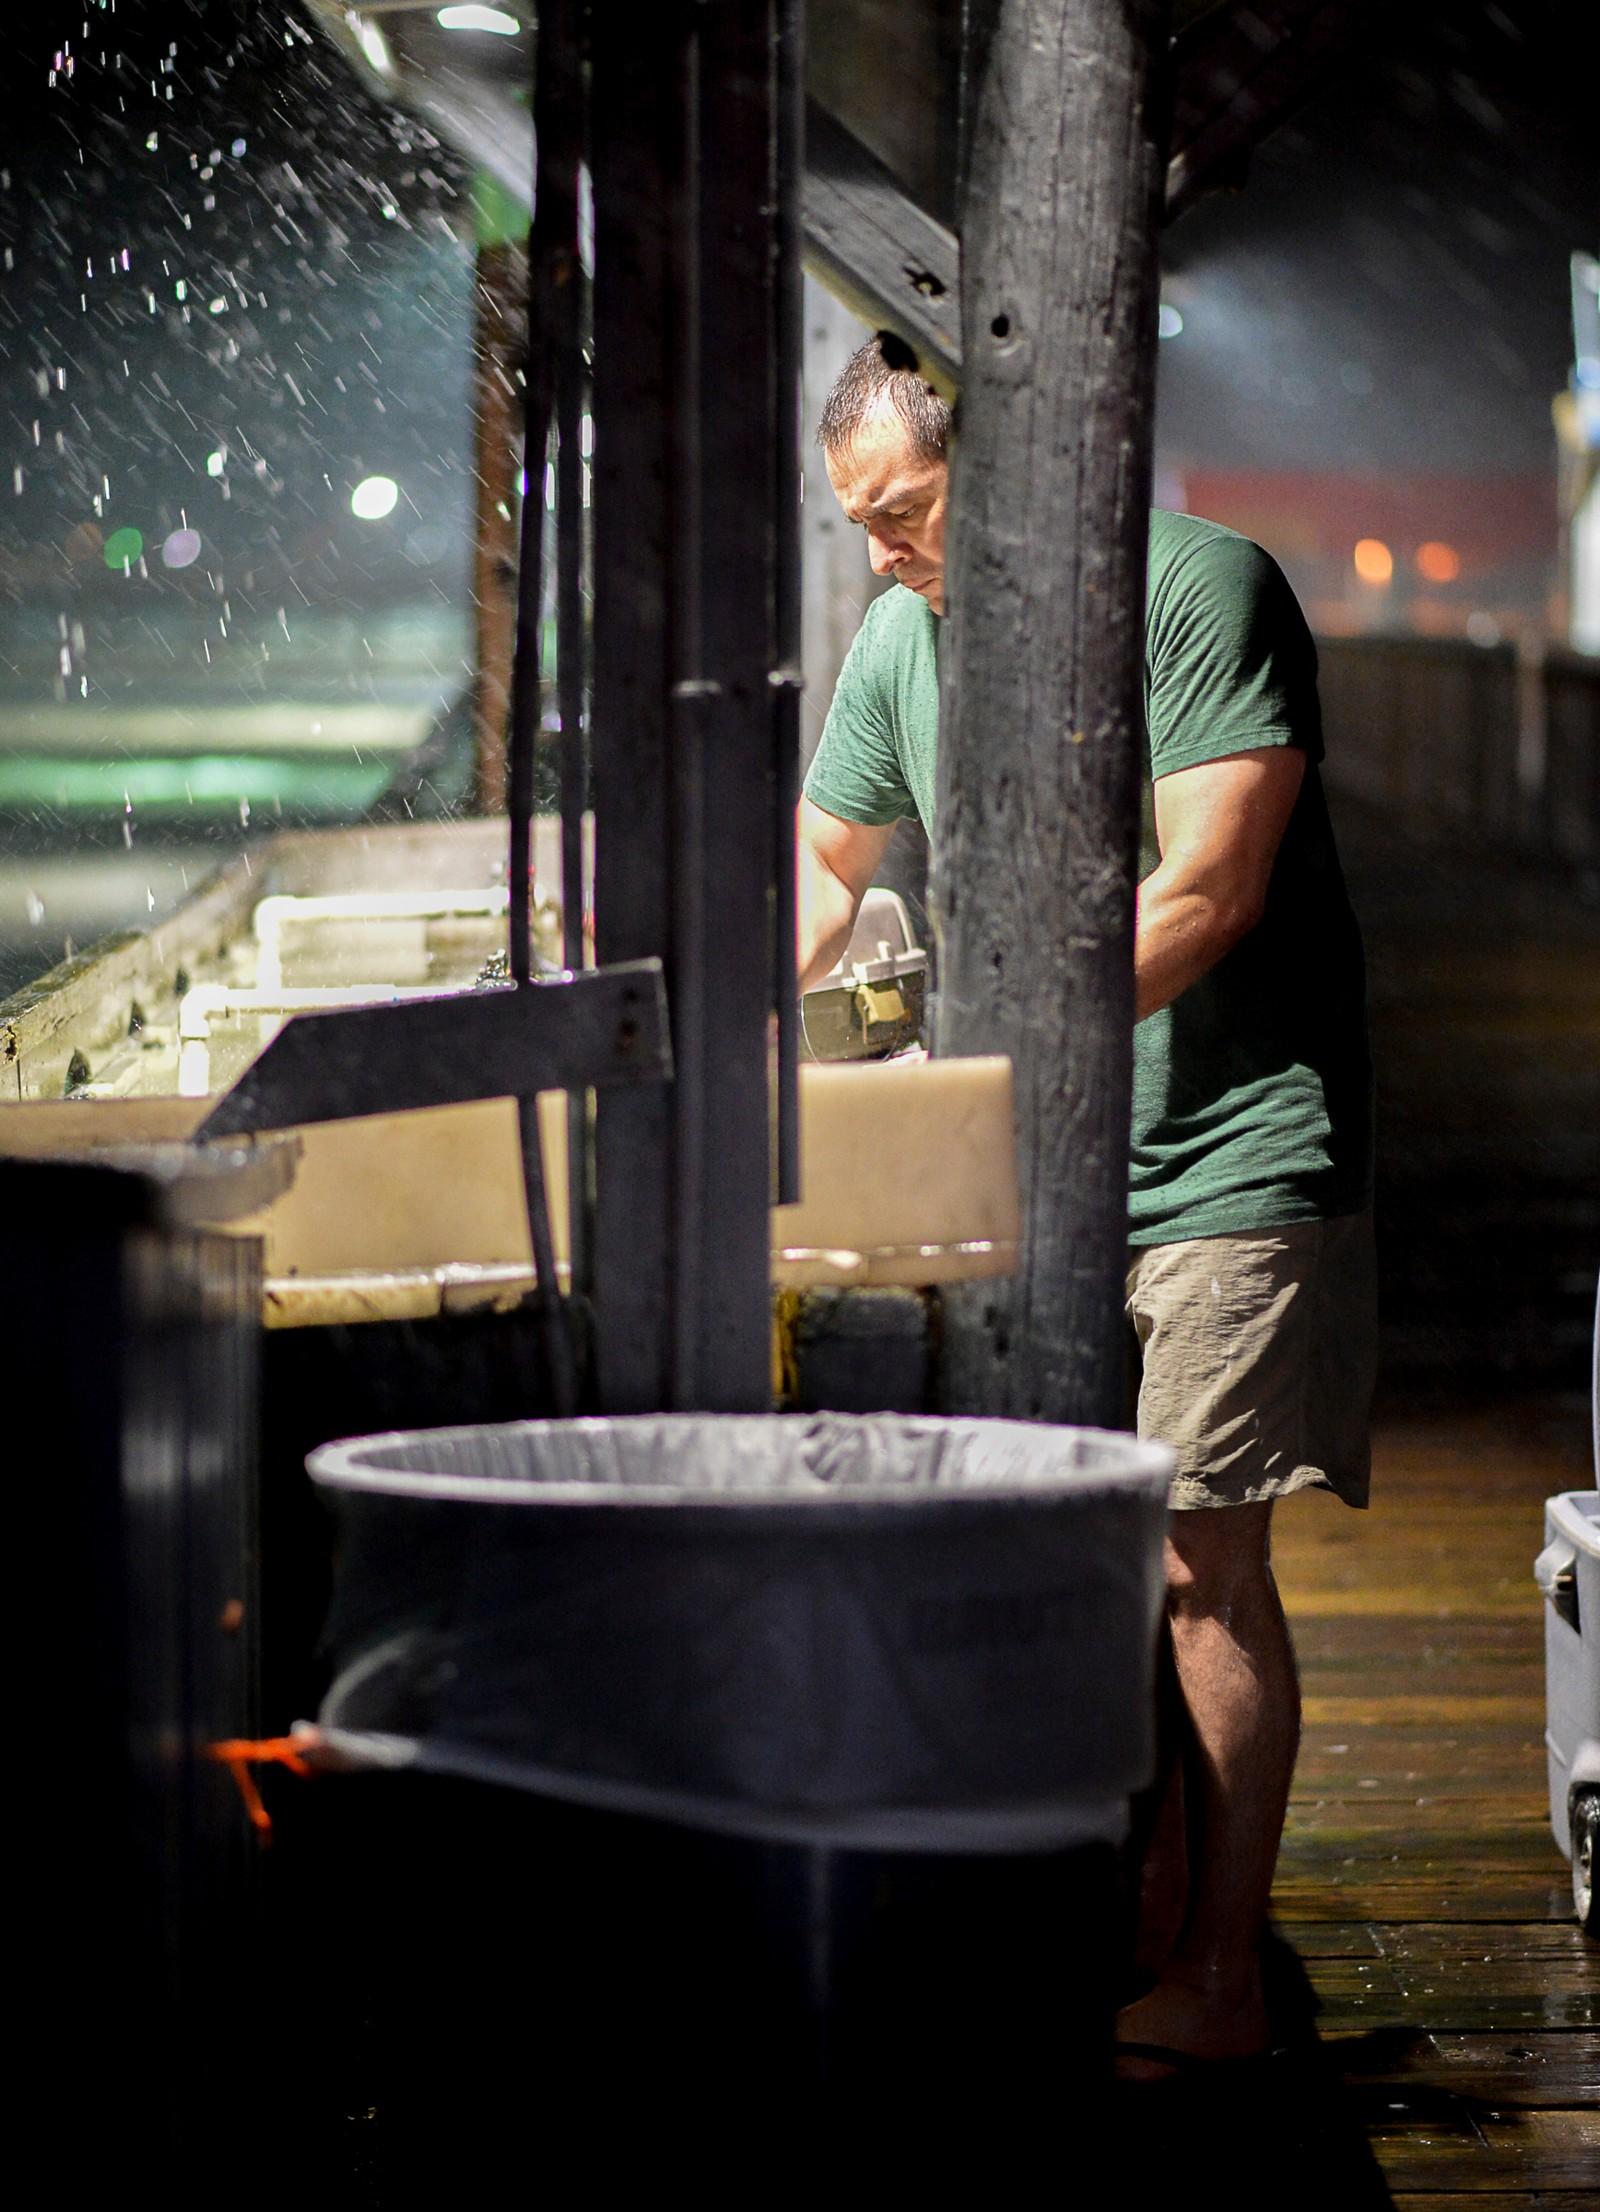 Steve Vega vasker dagens fangst på fiskebrygga i Port Isabel mens vinden er i ferd med å ta seg opp.